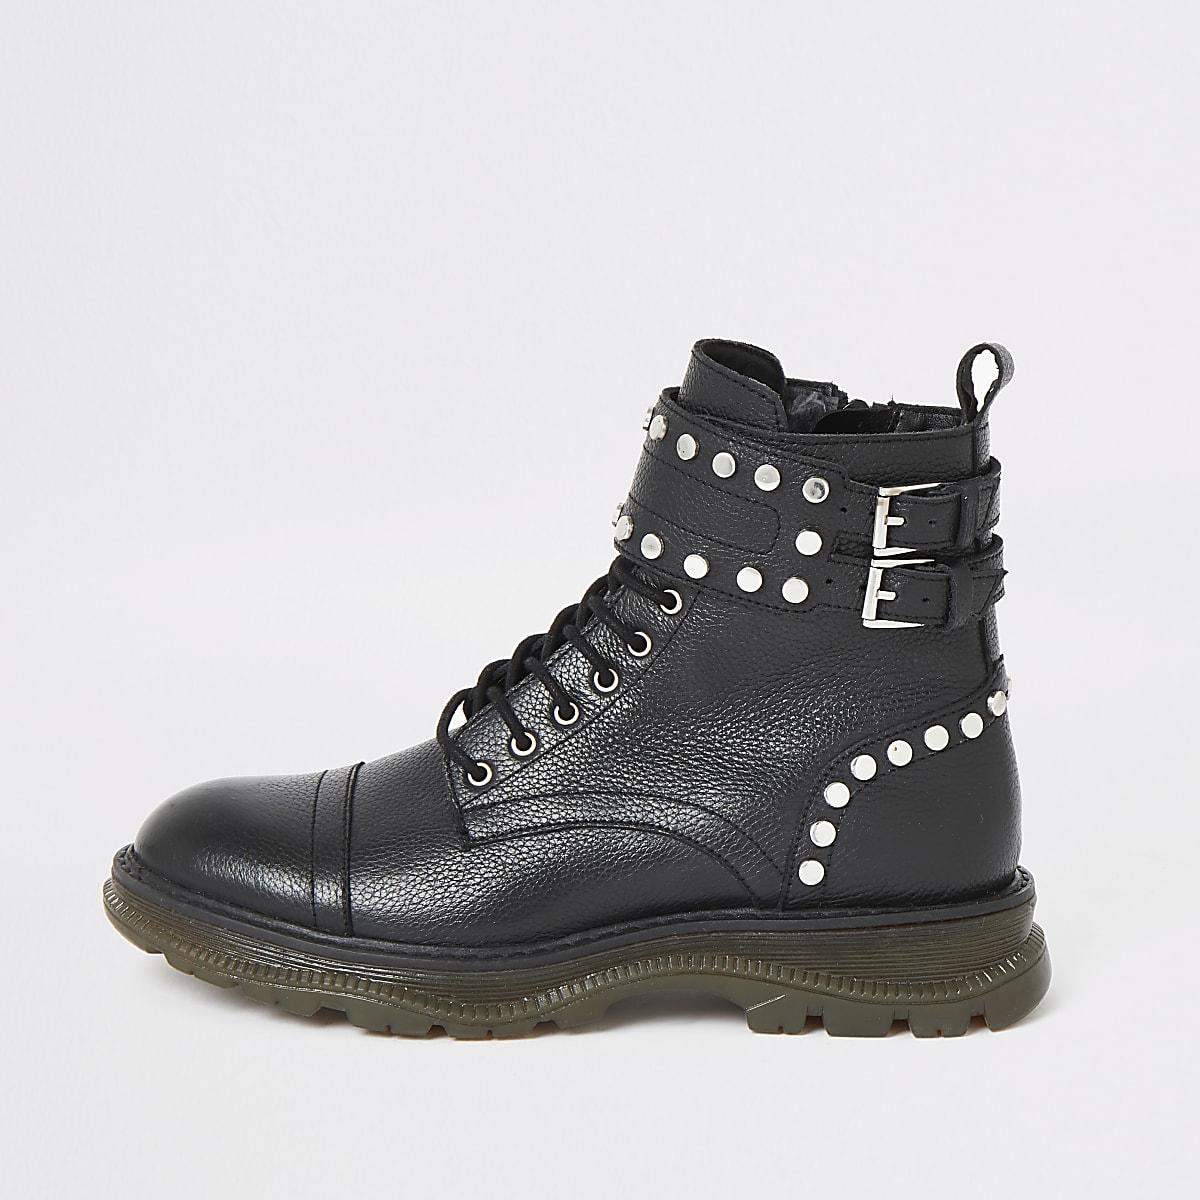 Chaussures de randonnée en cuir noir à lacets cloutées